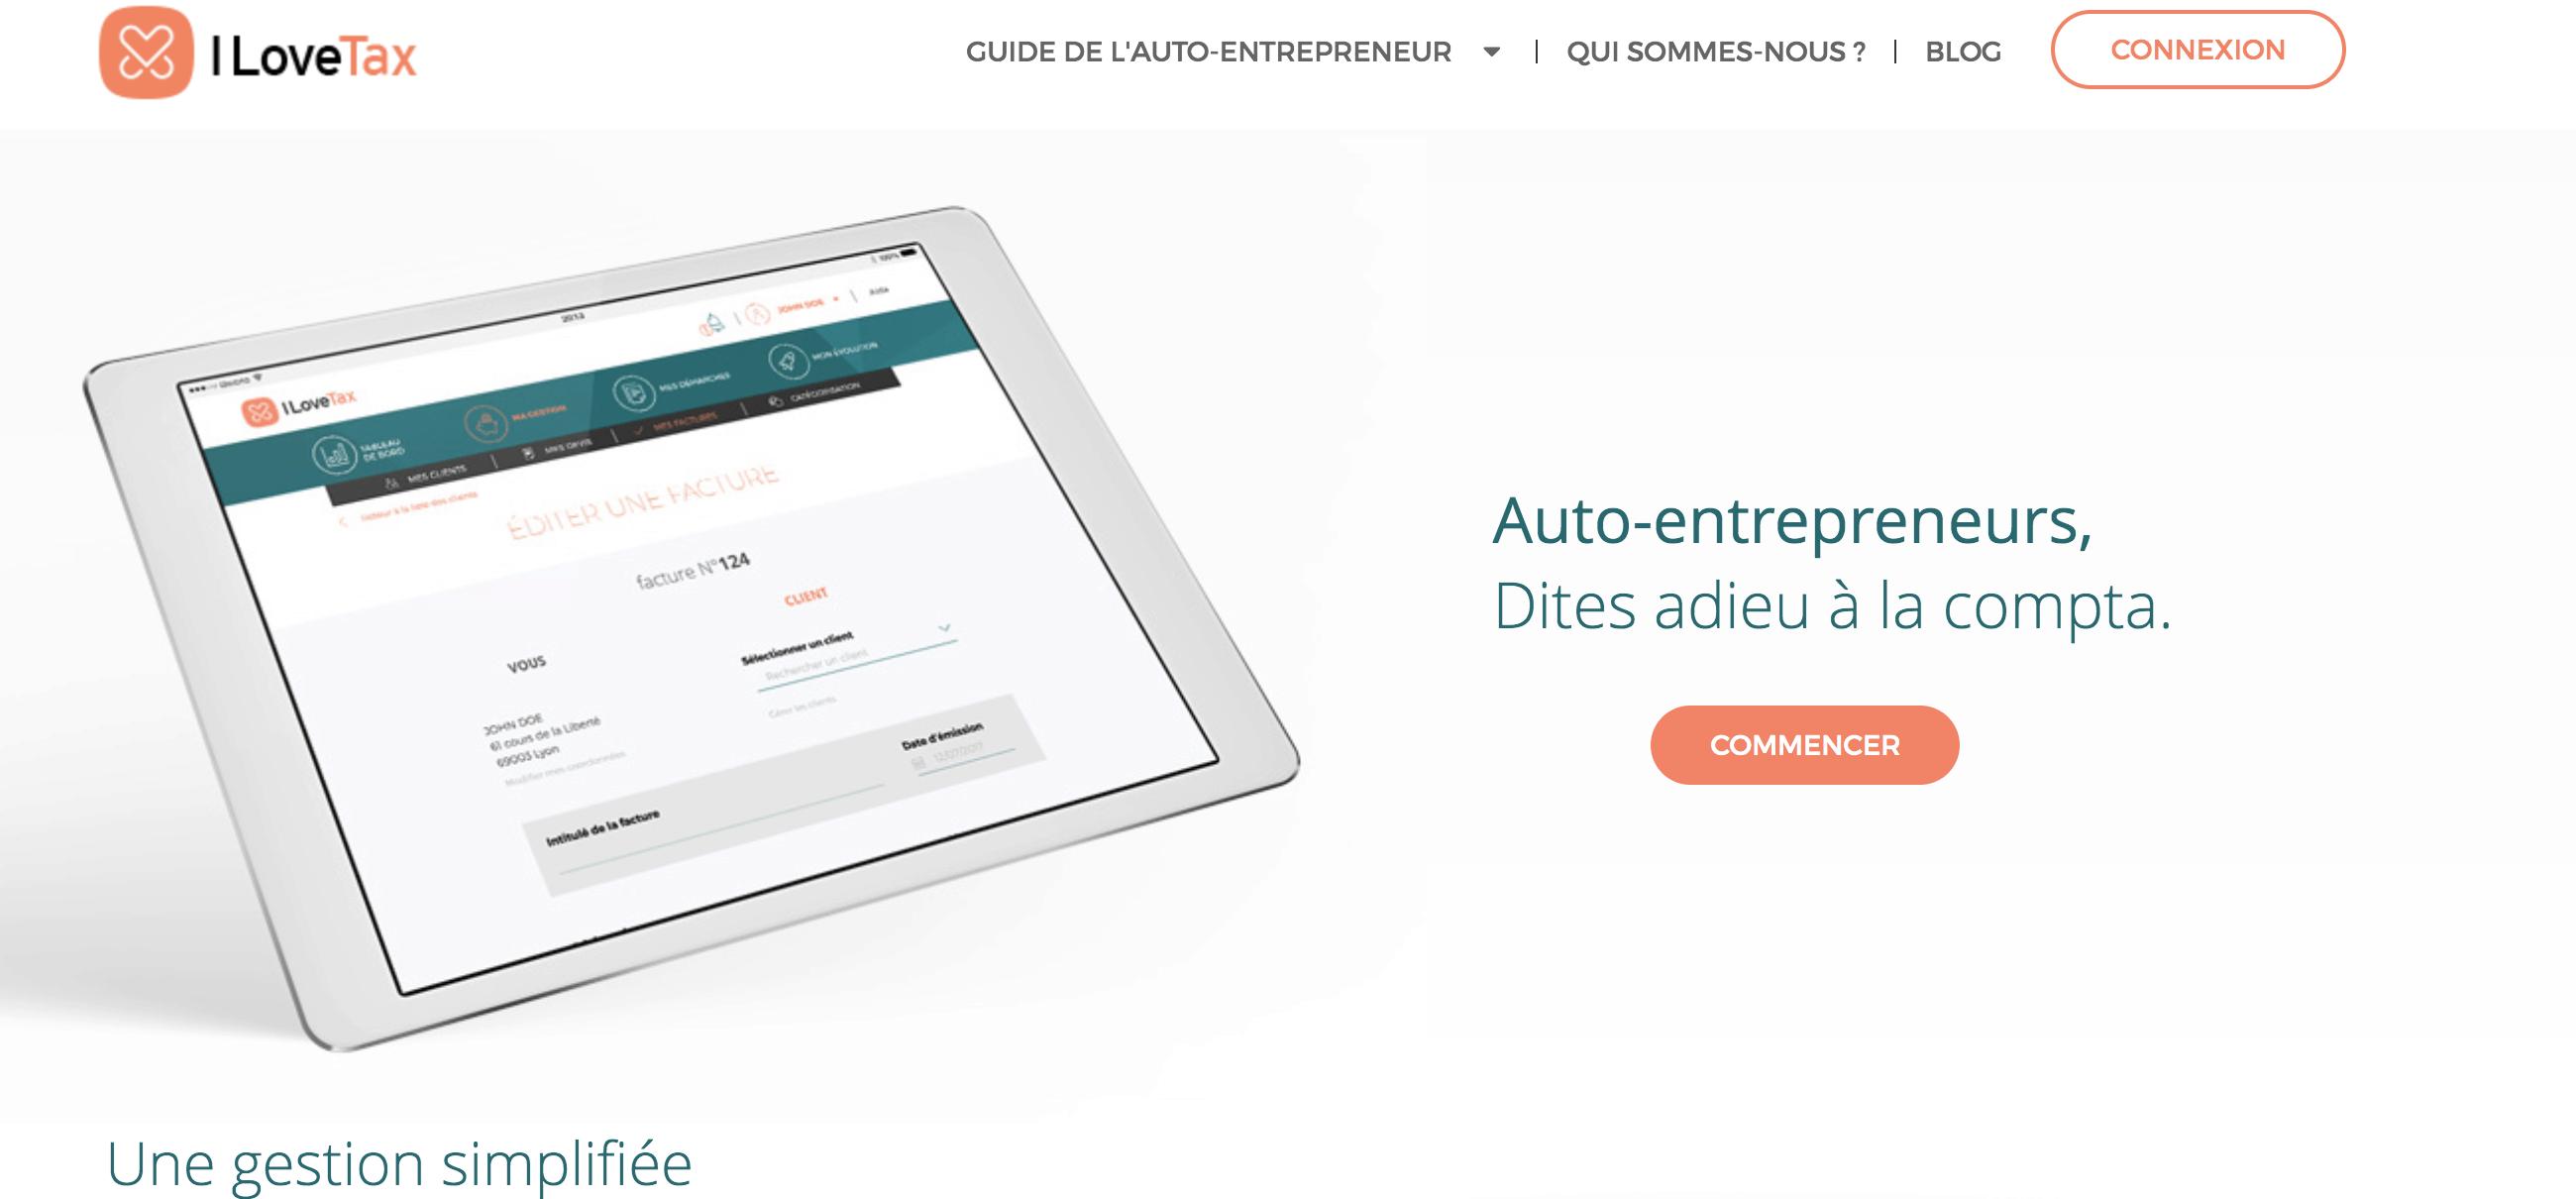 logiciel facturation micro entreprise gratuit ILoveTax